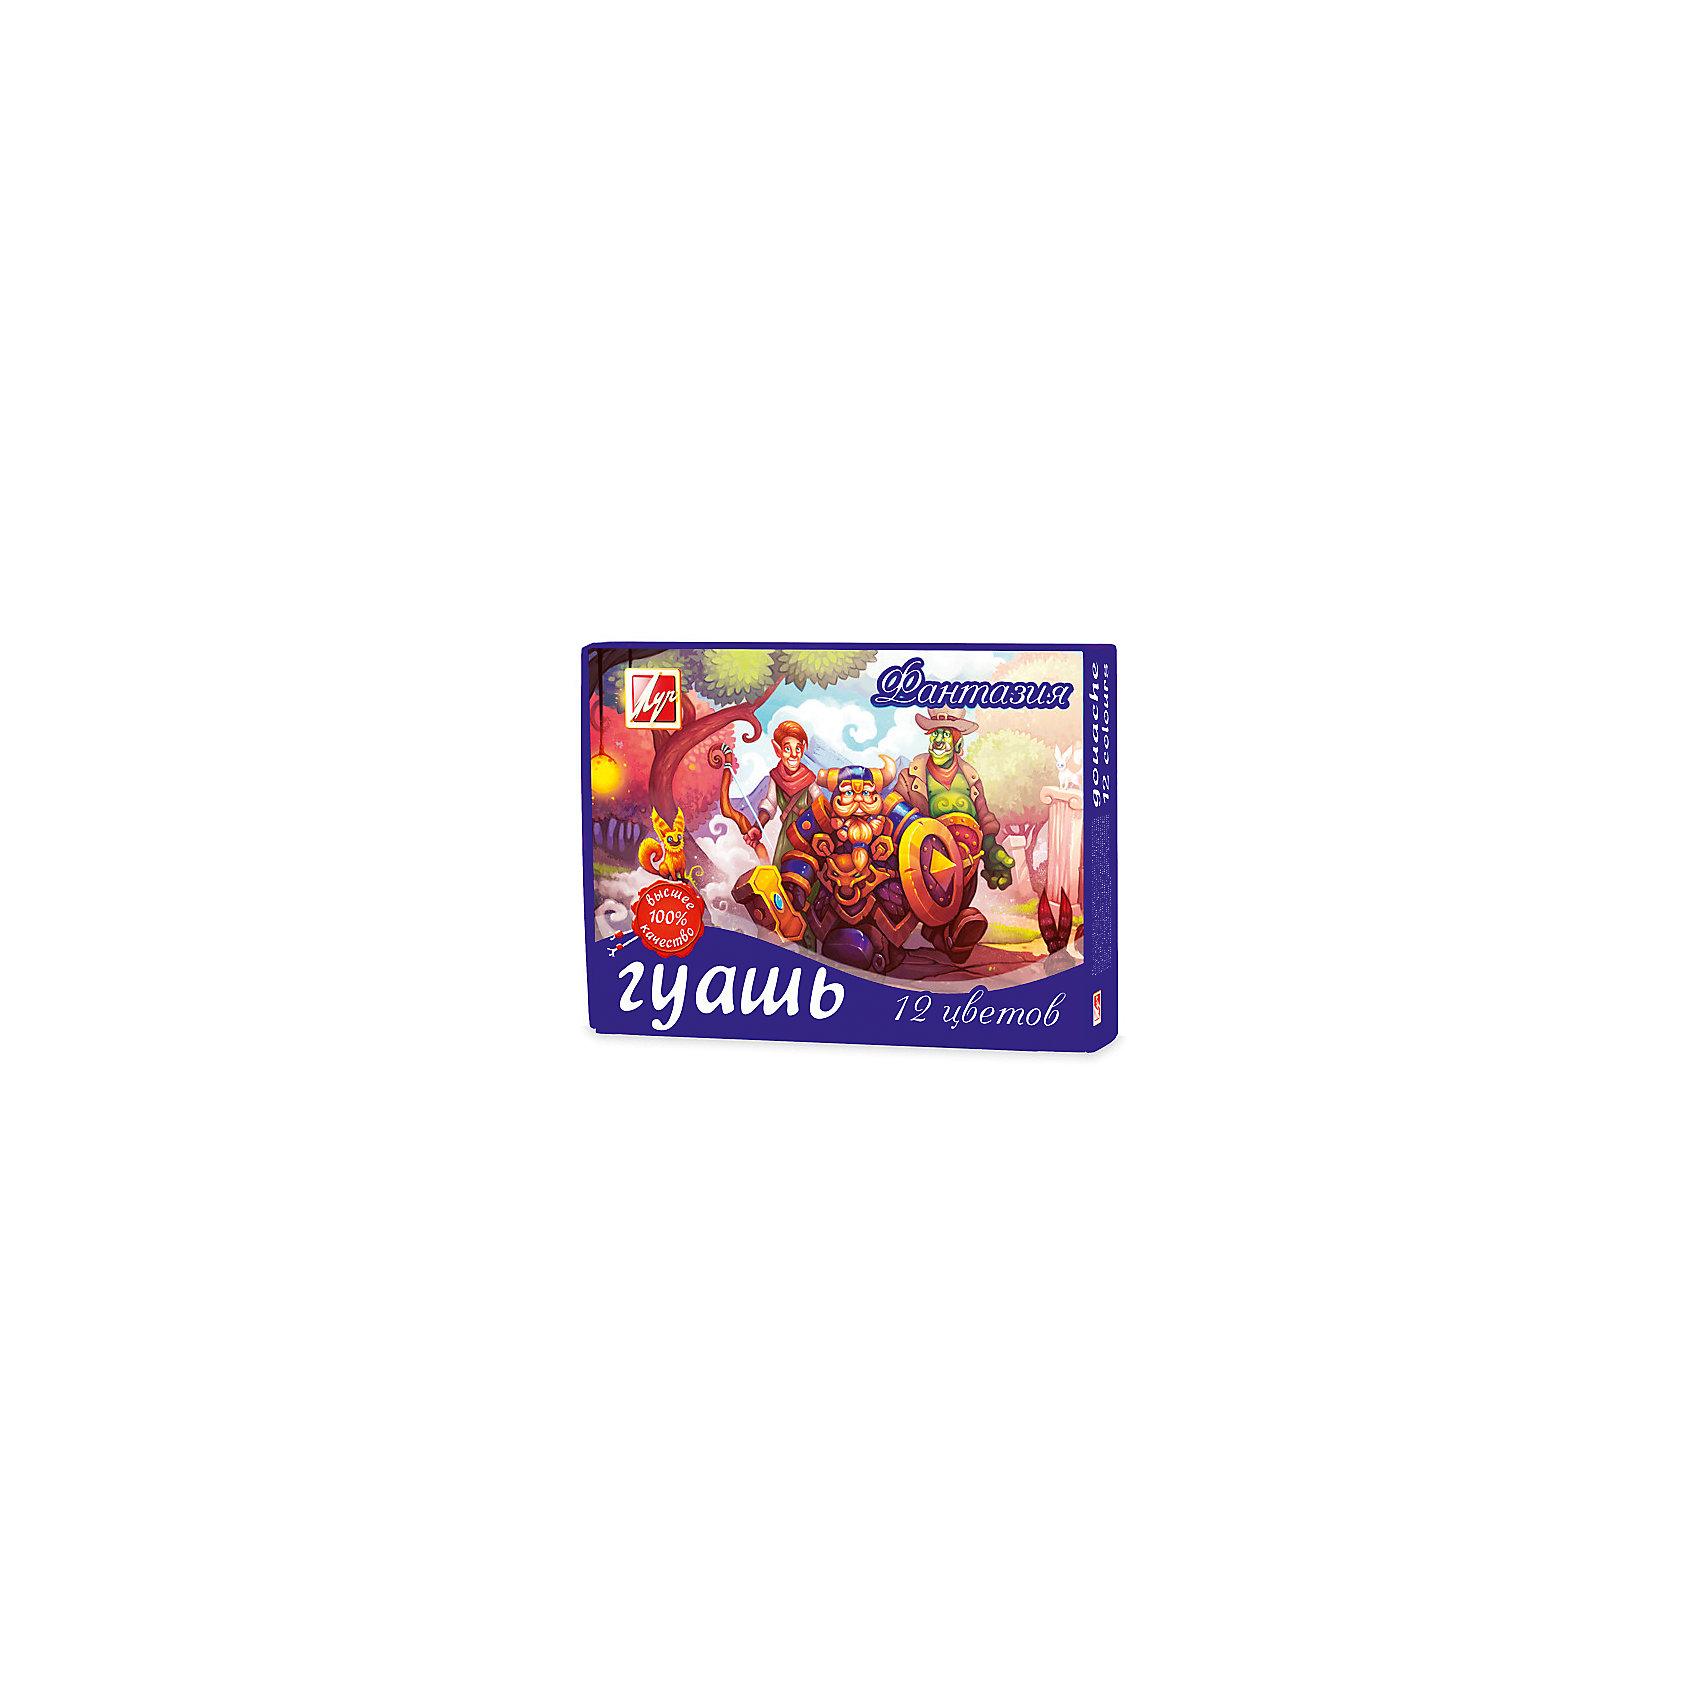 Гуашь ФАНТАЗИЯ 12 цветов (15мл) ЛучРисование и лепка<br>Характеристики:<br><br>• возраст: от 3 лет<br>• в наборе: 12 баночек с разноцветной гуашью по 15 мл.<br>• цвета: белила; светло-желтый; красный; светло-зеленый; голубой; черный; оранжевый; красно-коричневый; сиреневый; ярко-розовый; желто-зеленый; ультрамарин.<br>• упаковка: картонная коробка<br>• размер упаковки: 17х12х4 см.<br><br>Гуашь «Фантазия» Луч предназначена для детского творчества, выполнения декоративно-оформительских работ.<br><br>Набор имеет прекрасную палитру ярких, чистых звучных цветов. Гуашь обладает хорошей кроющей способностью, прекрасно смешивается между собой, создавая новые чистые оттенки.<br><br>Гуашь изготовлена на основе натуральных компонентов и высококачественных пигментов, безопасна при использовании по назначению. Пластиковые баночки с герметично завинчивающейся крышкой легко открываются и закрываются. На крышке есть наклейка, которая указывает на цвет краски в баночке.<br><br>Гуашь ФАНТАЗИЯ 12 цветов (15мл) Луч можно купить в нашем интернет-магазине.<br><br>Ширина мм: 170<br>Глубина мм: 120<br>Высота мм: 40<br>Вес г: 390<br>Возраст от месяцев: 36<br>Возраст до месяцев: 2147483647<br>Пол: Унисекс<br>Возраст: Детский<br>SKU: 7010487